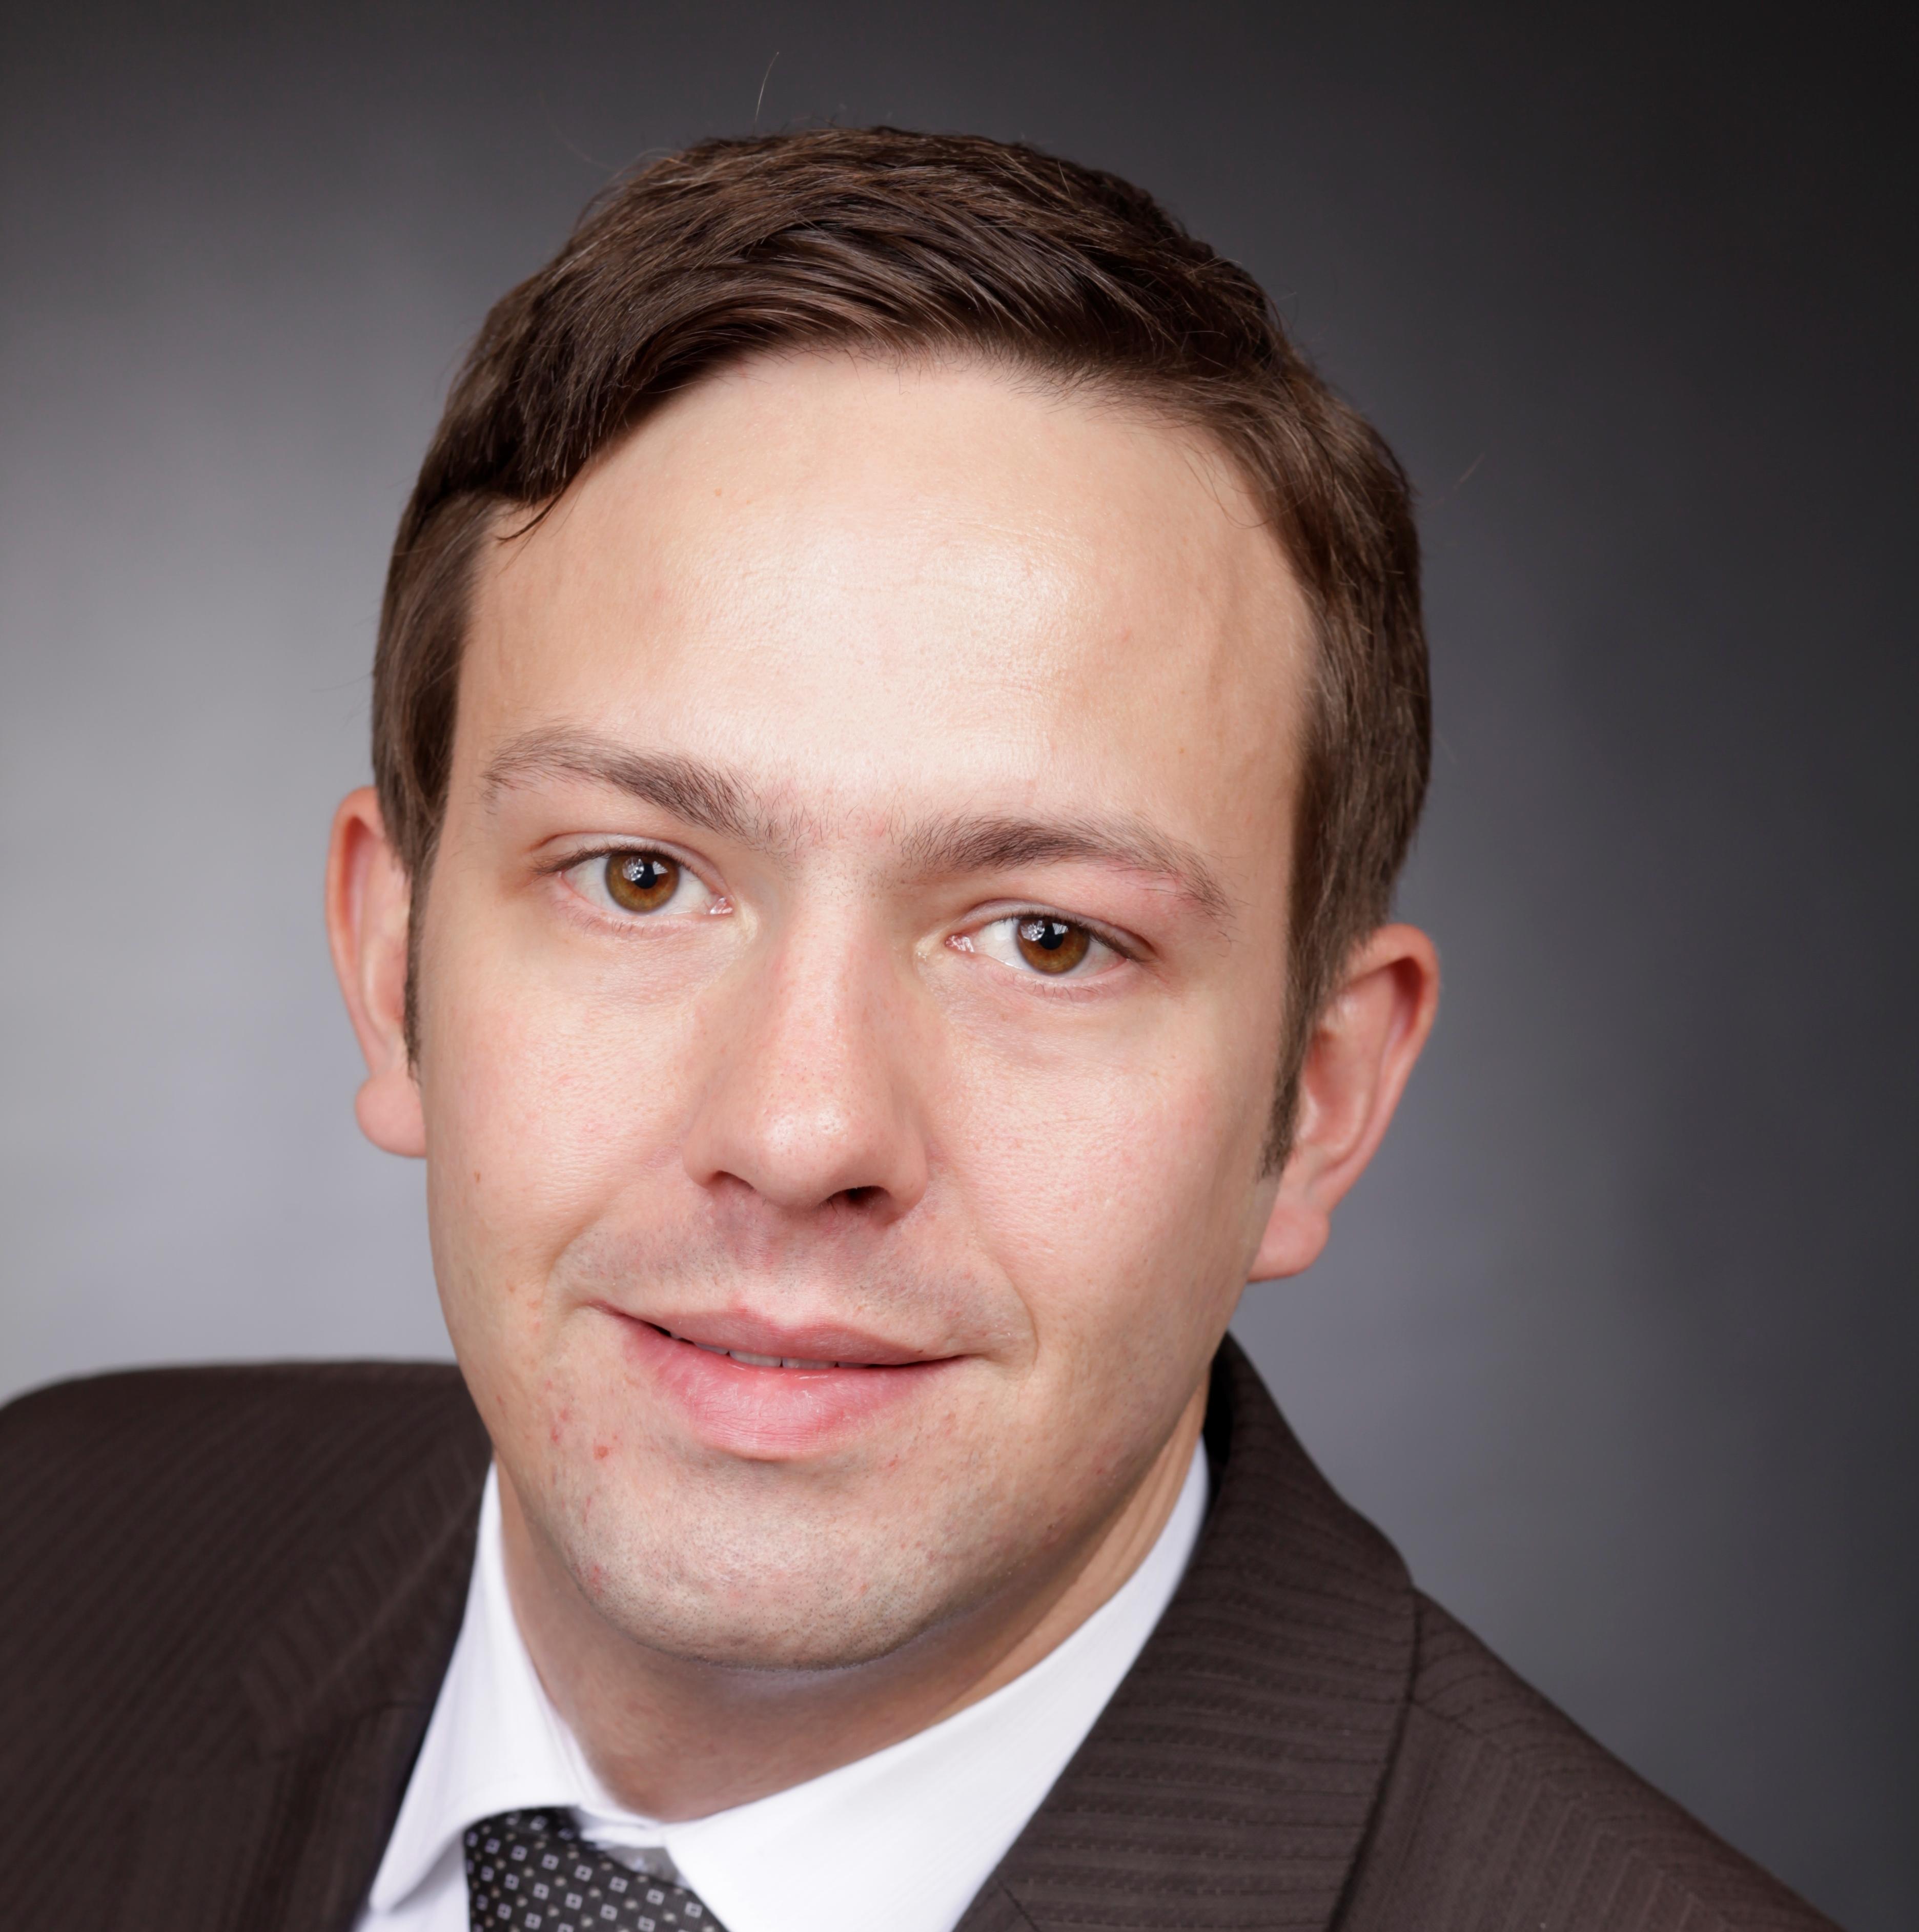 Dr.-Ing. Martin Obholz